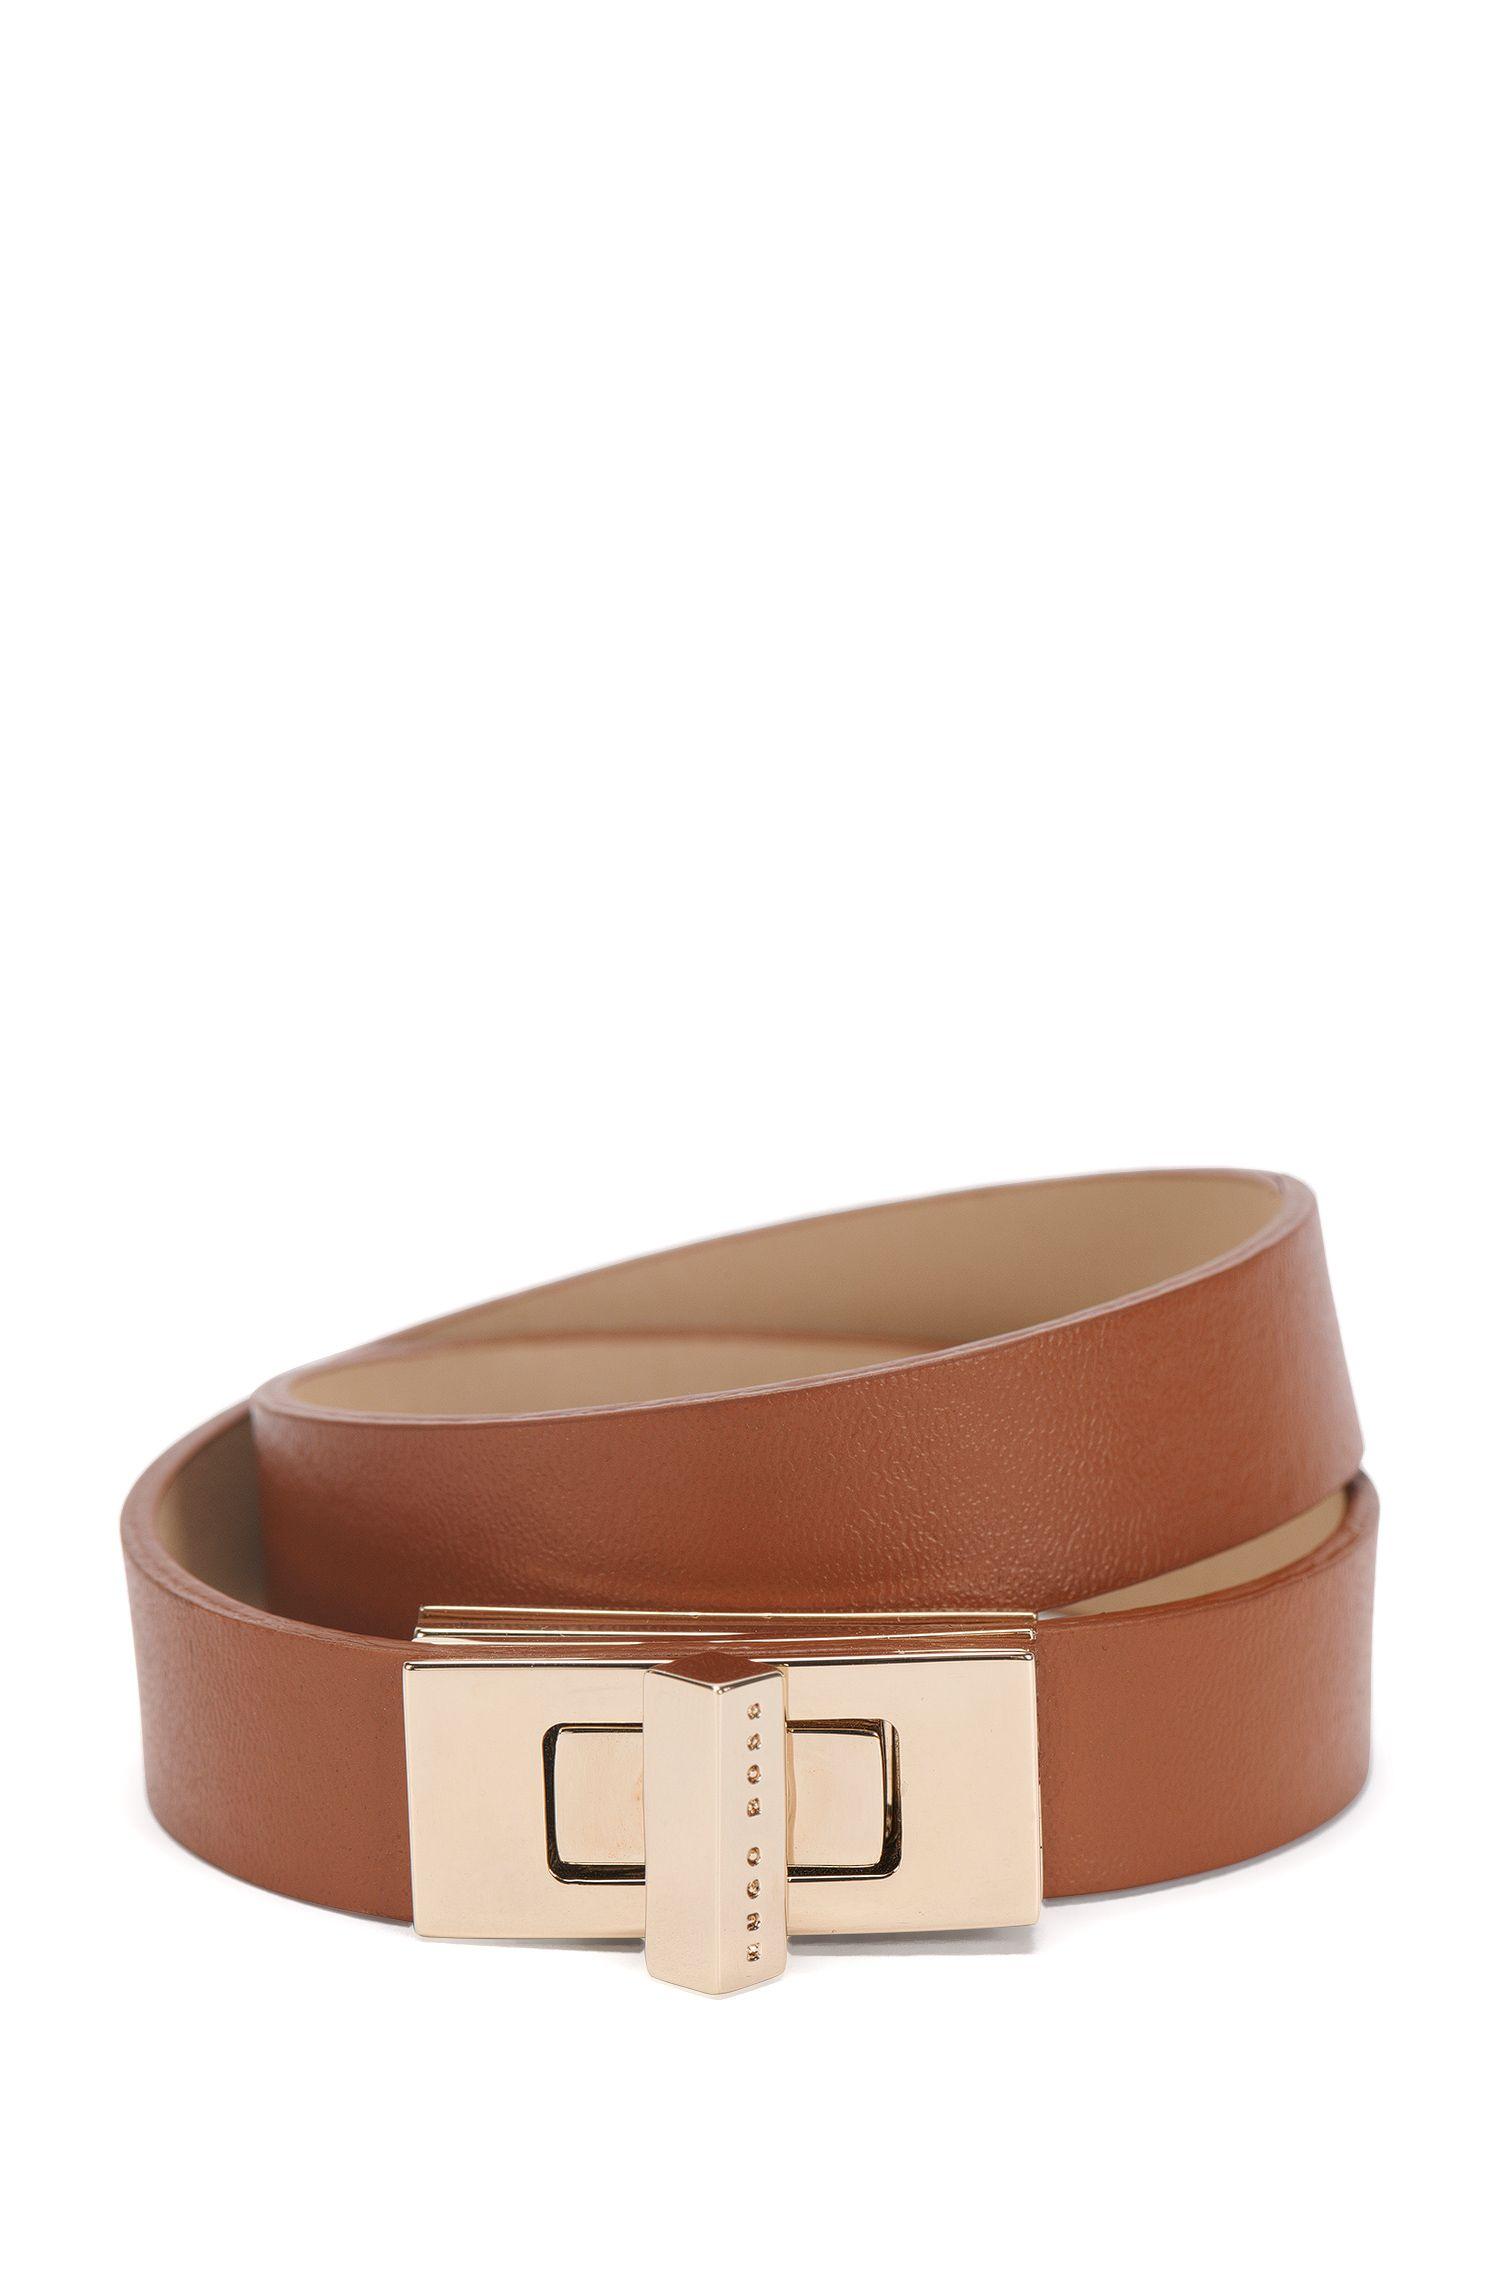 Bracelet en cuir BOSS Bespoke avec fermoir signature façon bouton de manchette , Marron